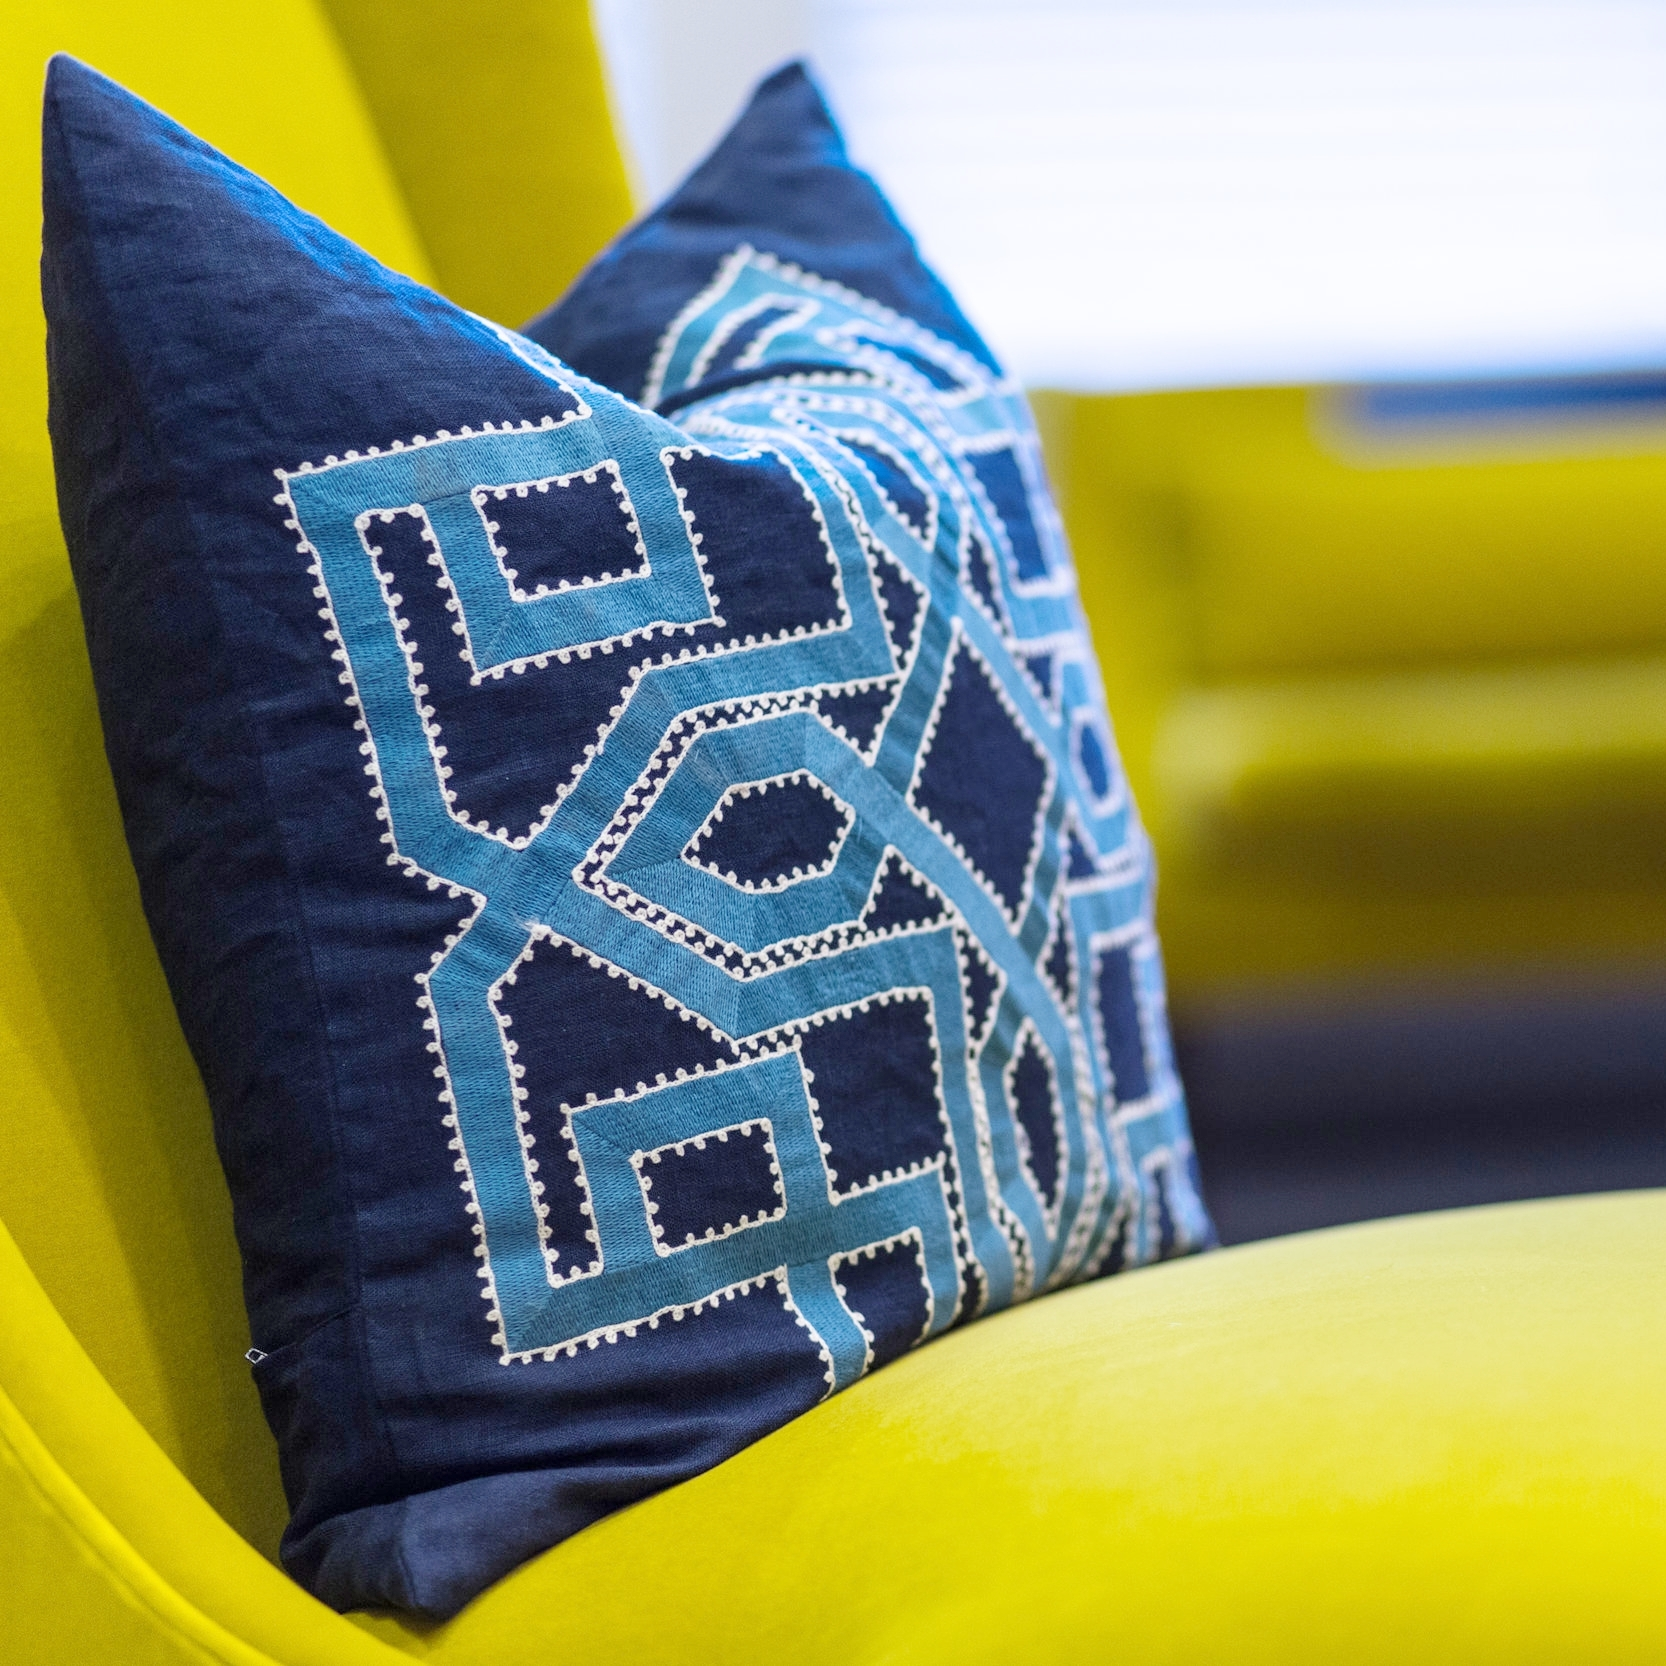 Myrtle Beach Interior Design